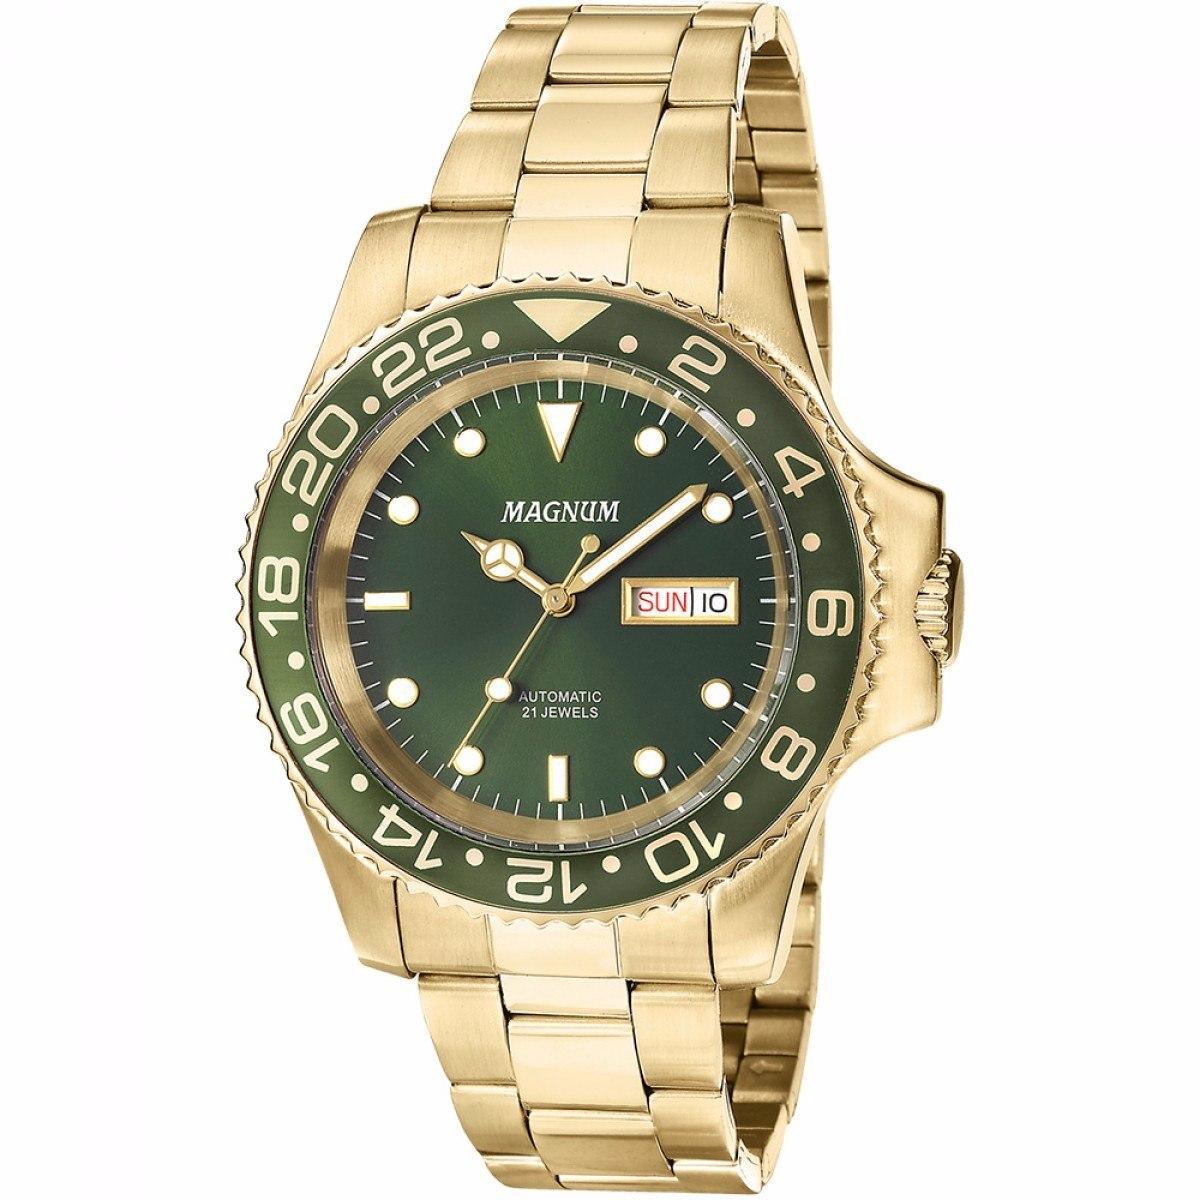 473b03a61c9 Relógio Magnum Automático Masculino Ma33844g Garantia E Nf - R  649 ...